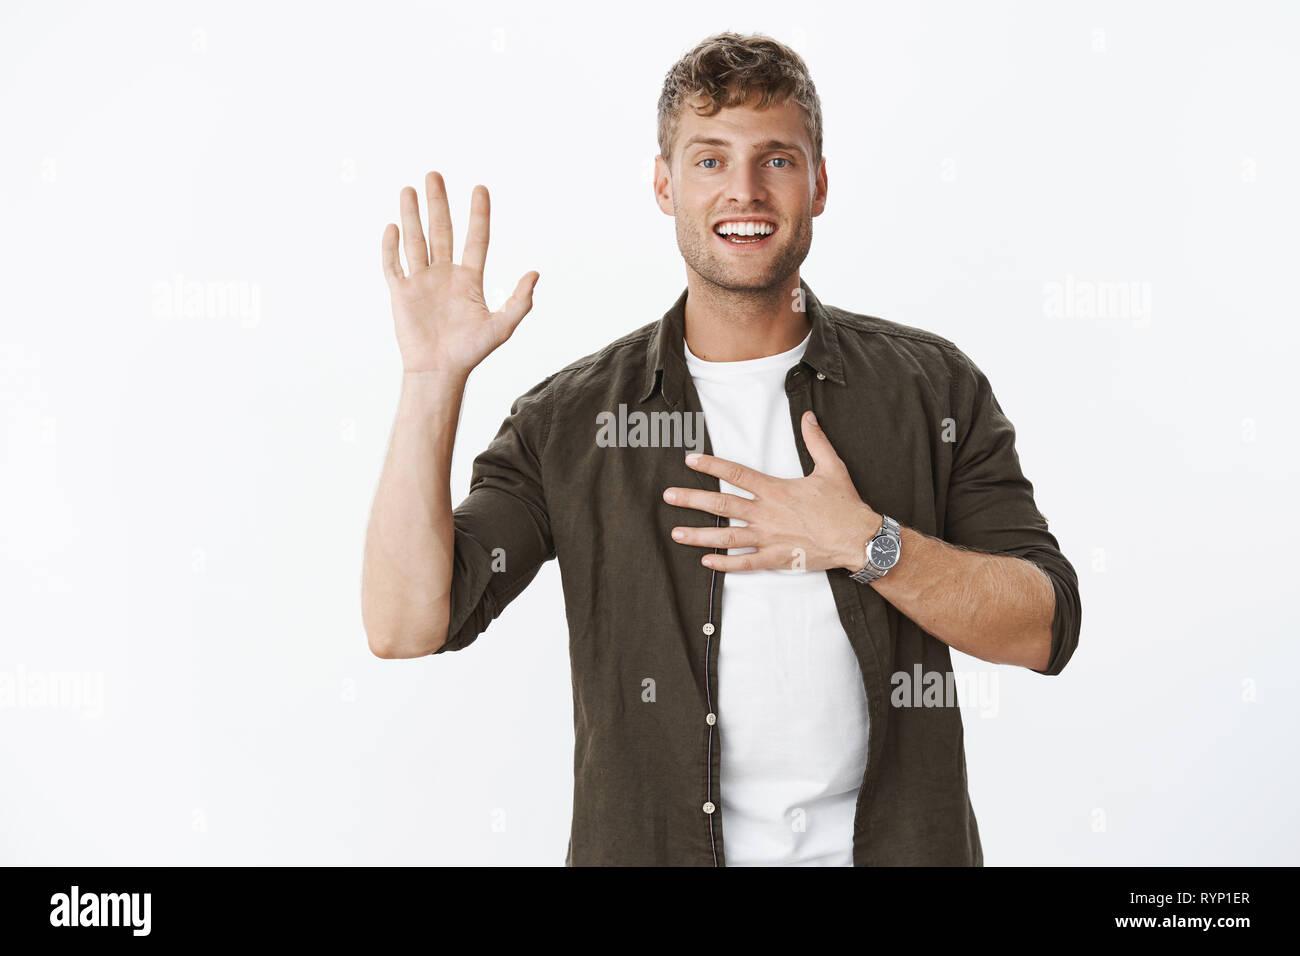 Te juro. Retrato de aspecto agradable, encantador y carismático masculino maduro macho con pelos justo palm y sujetando con la mano en el corazón, como Imagen De Stock